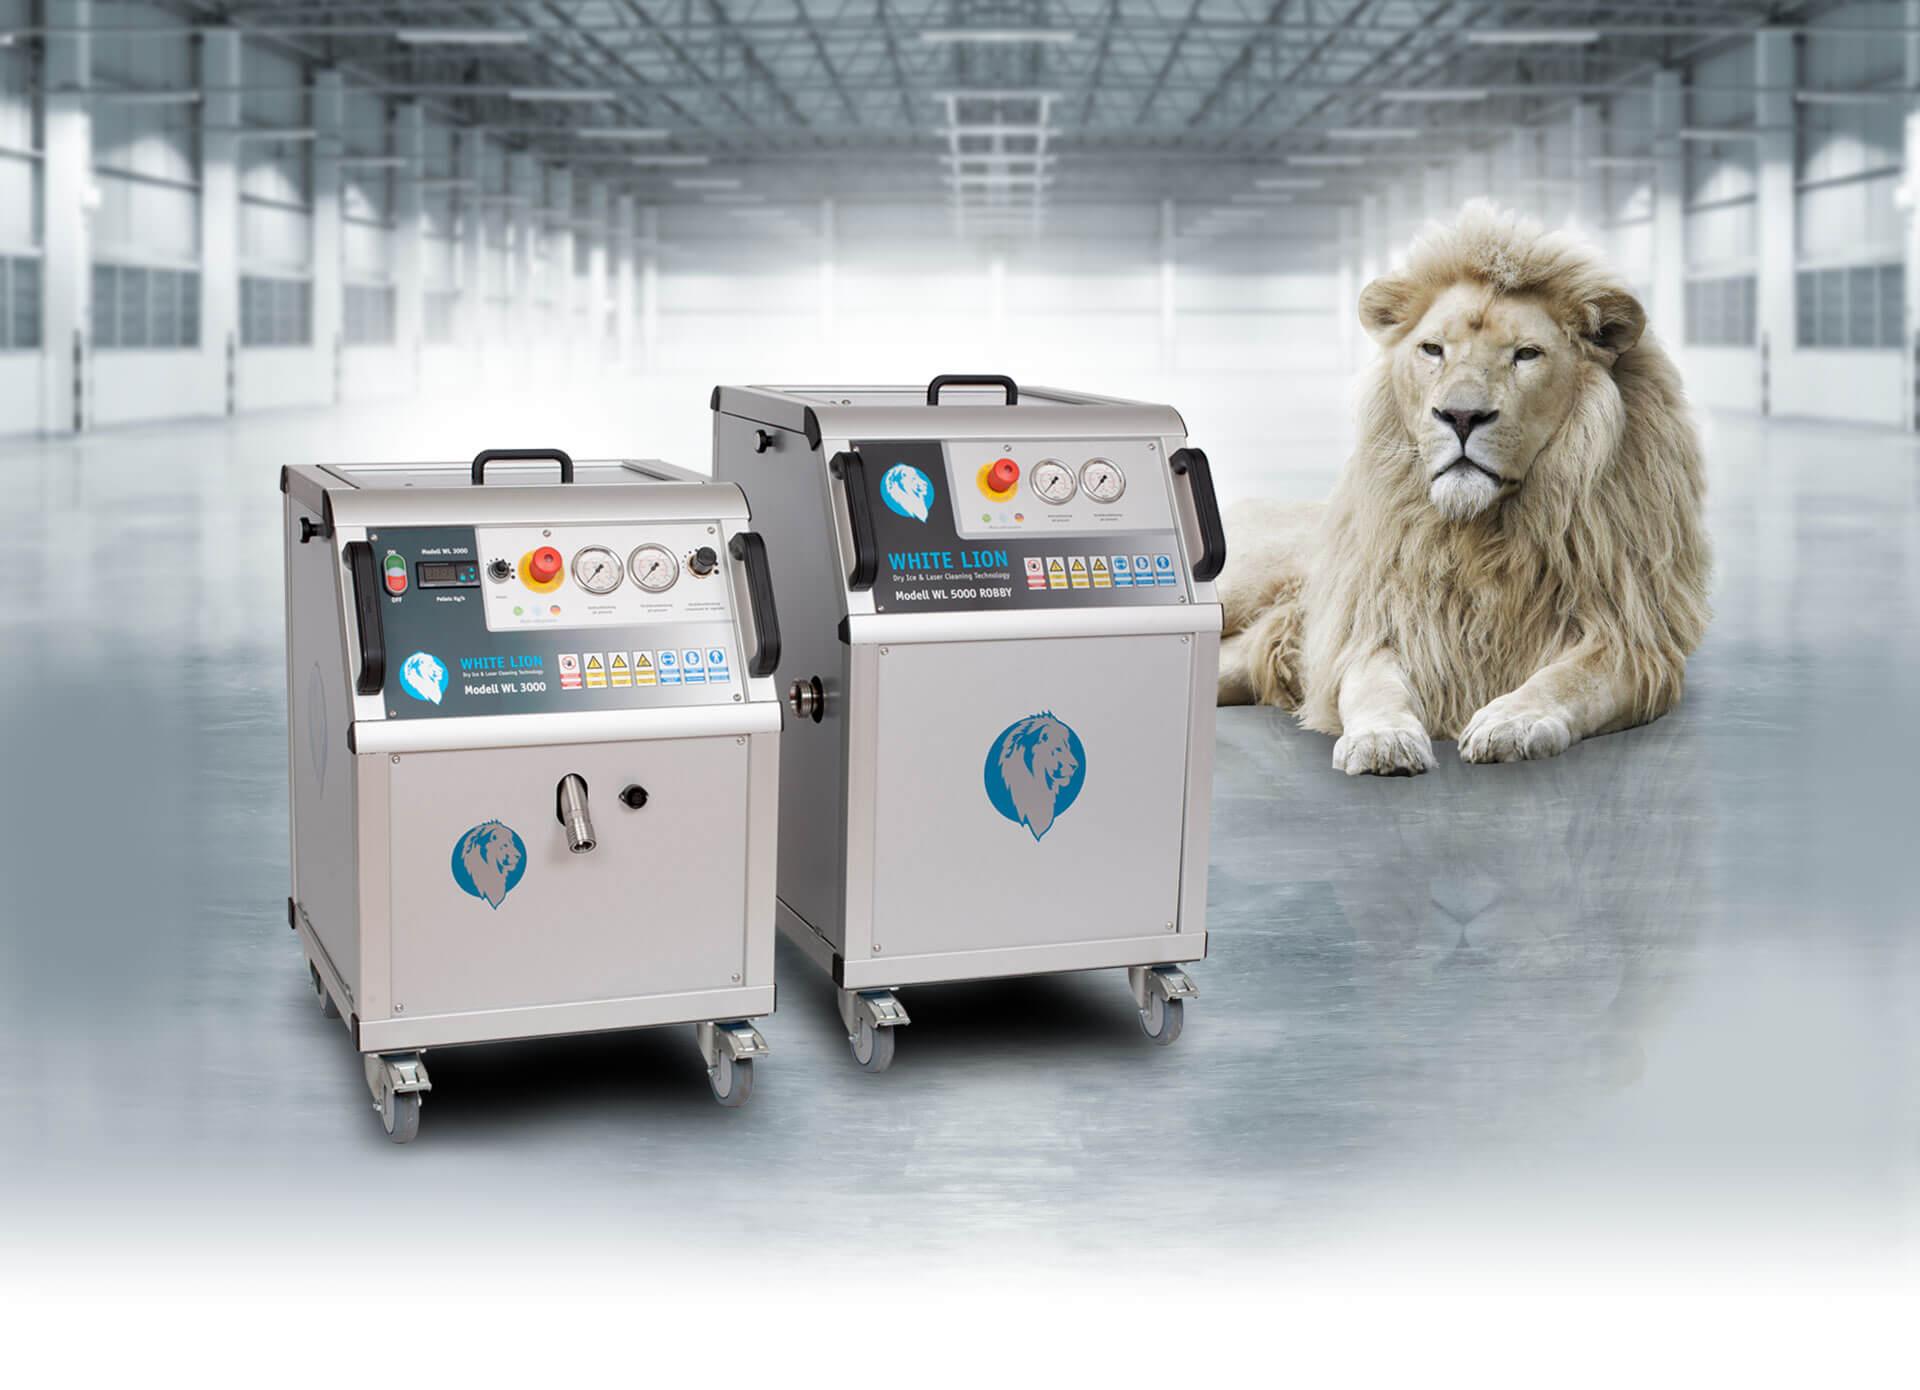 Trockeneisstrahlanlagen von White Lion sind robust, hochqualitativ und bequem in der Anwendung.